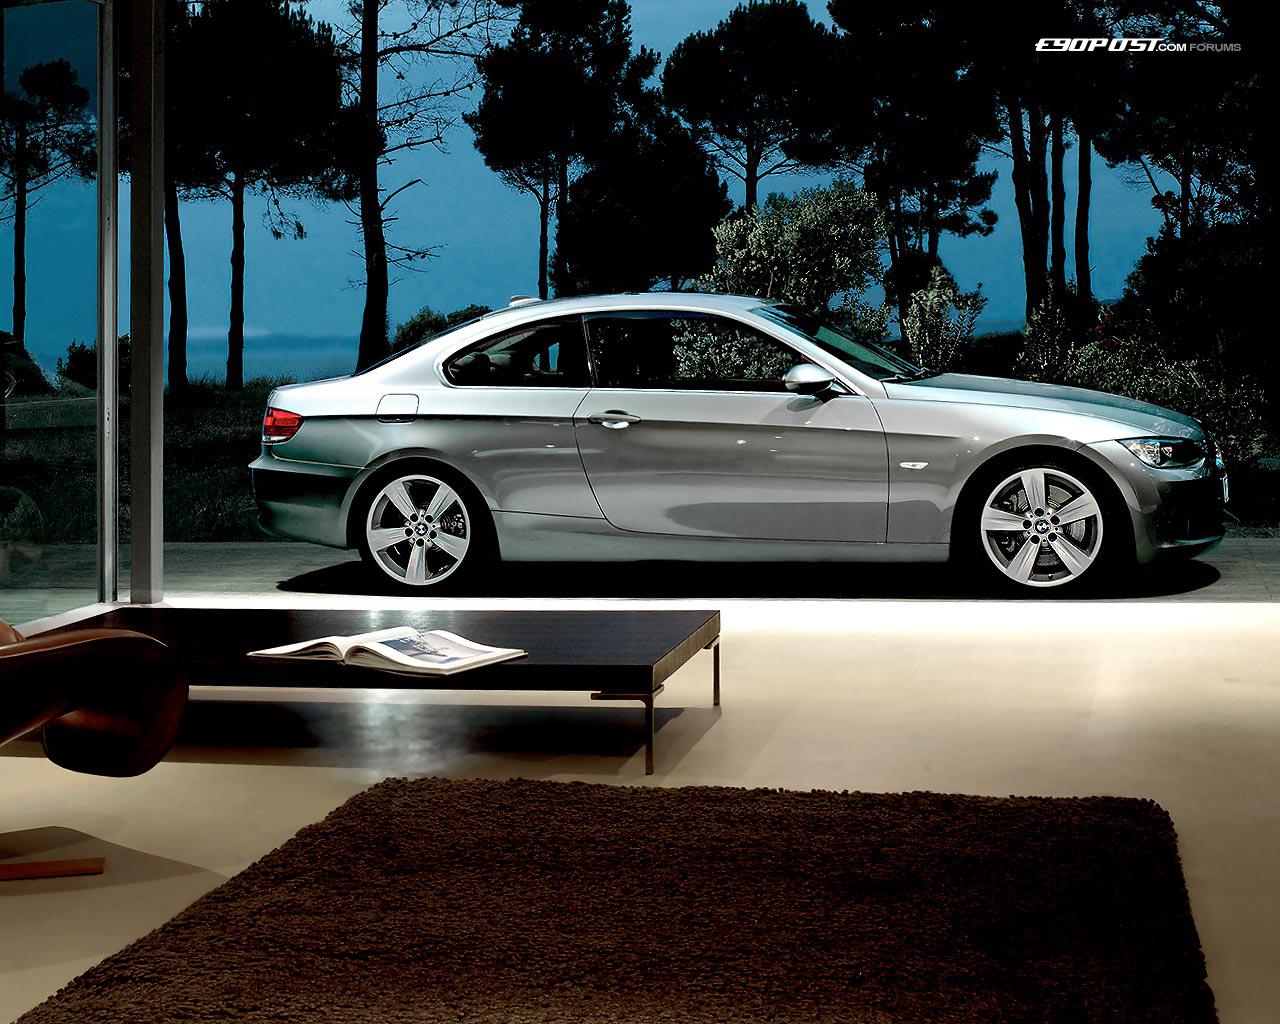 BMW 3 Series V (E90/E91/E92/E93) Restyling 2008 - 2012 Coupe #6